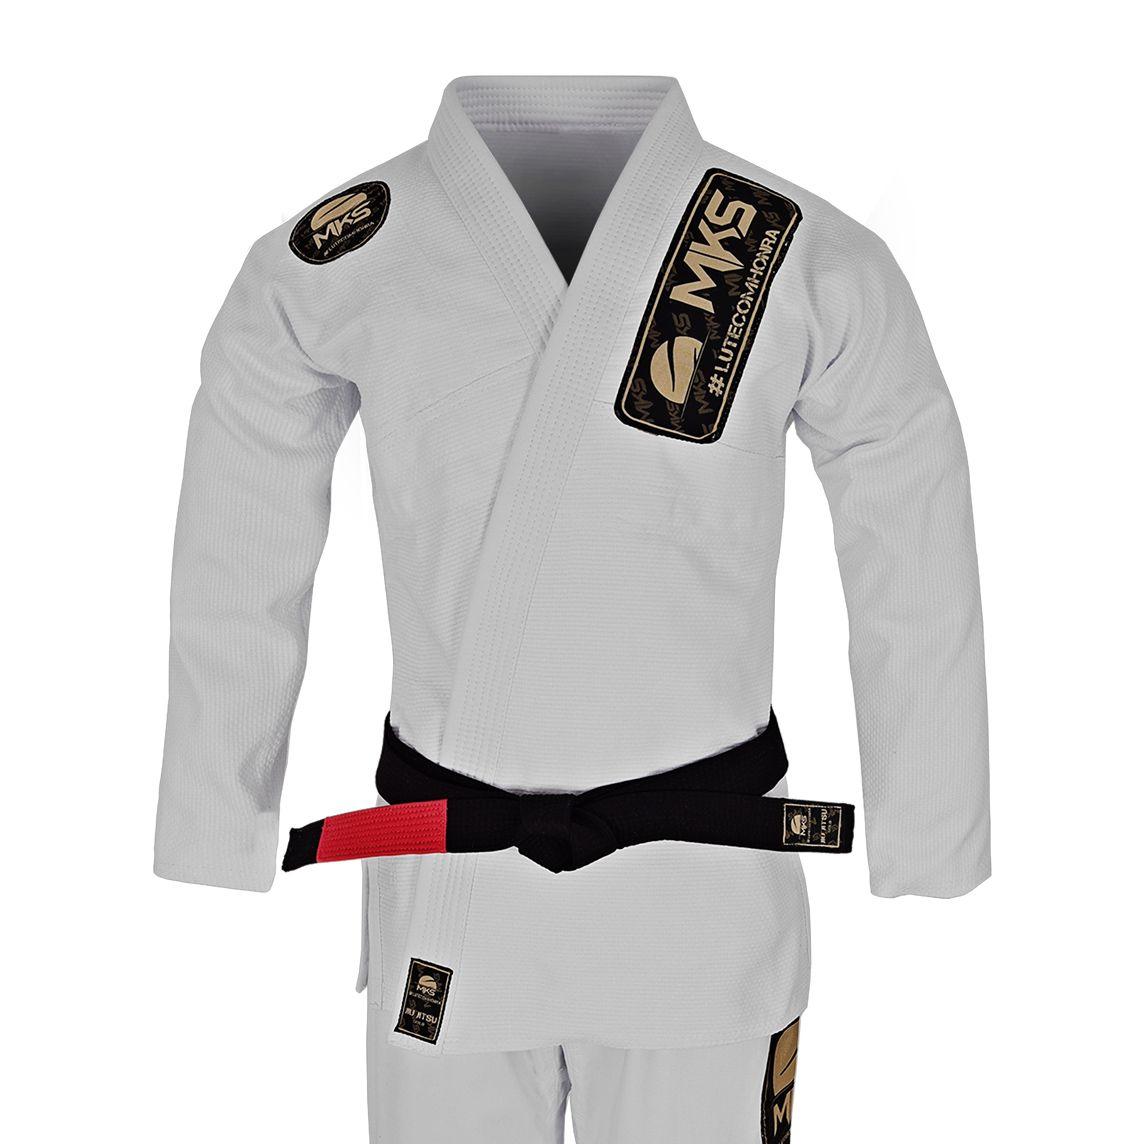 Kimono Jiu Jitsu Trançado MKS Gold Branco